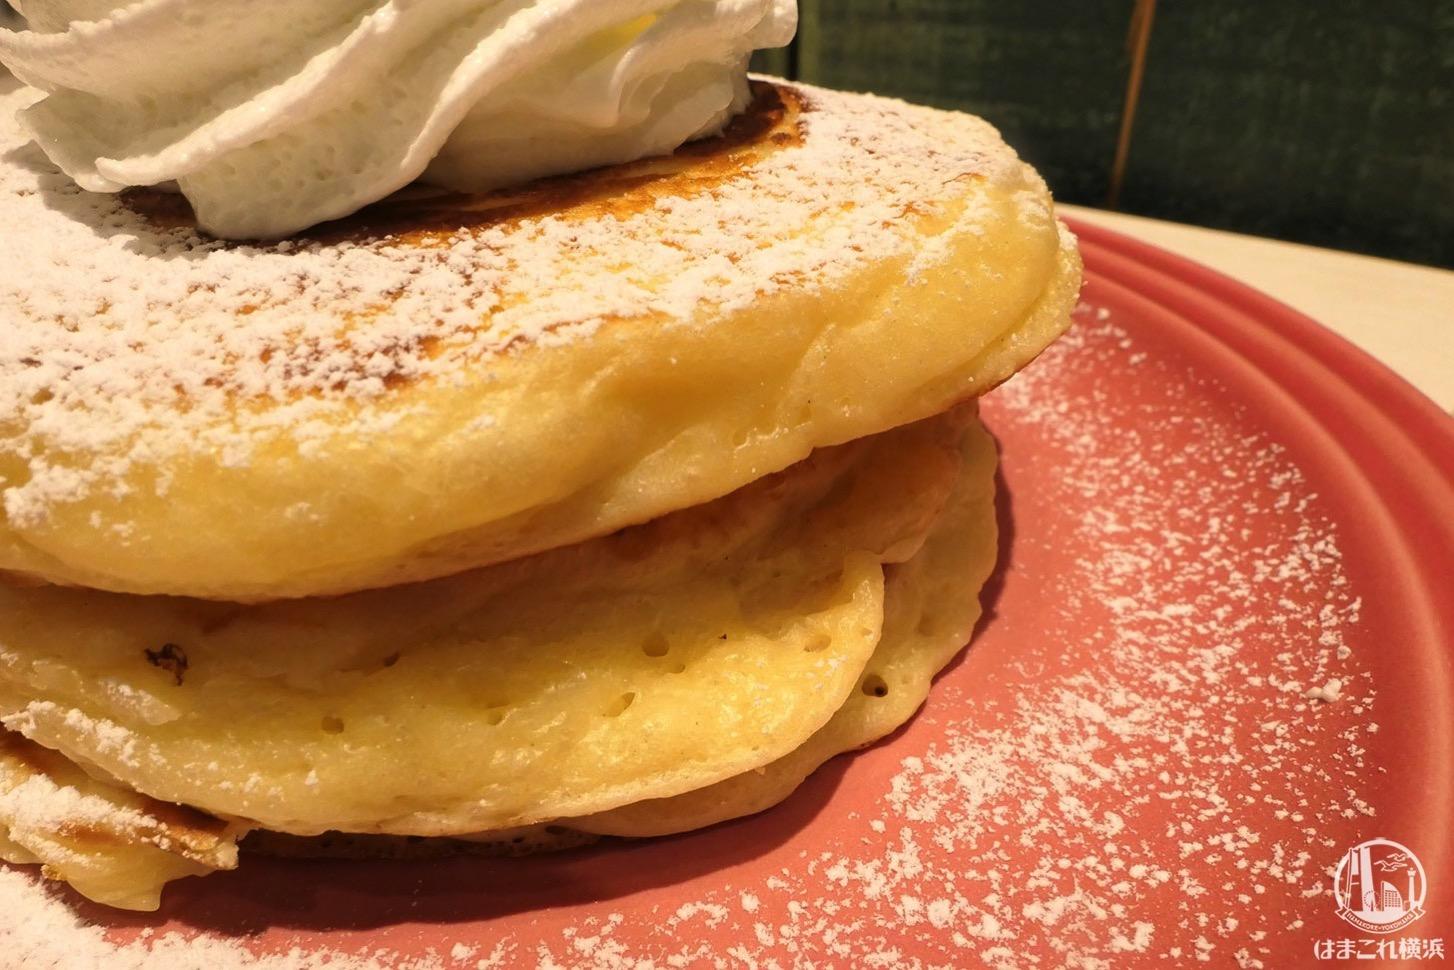 バターミルクのパンケーキ生地